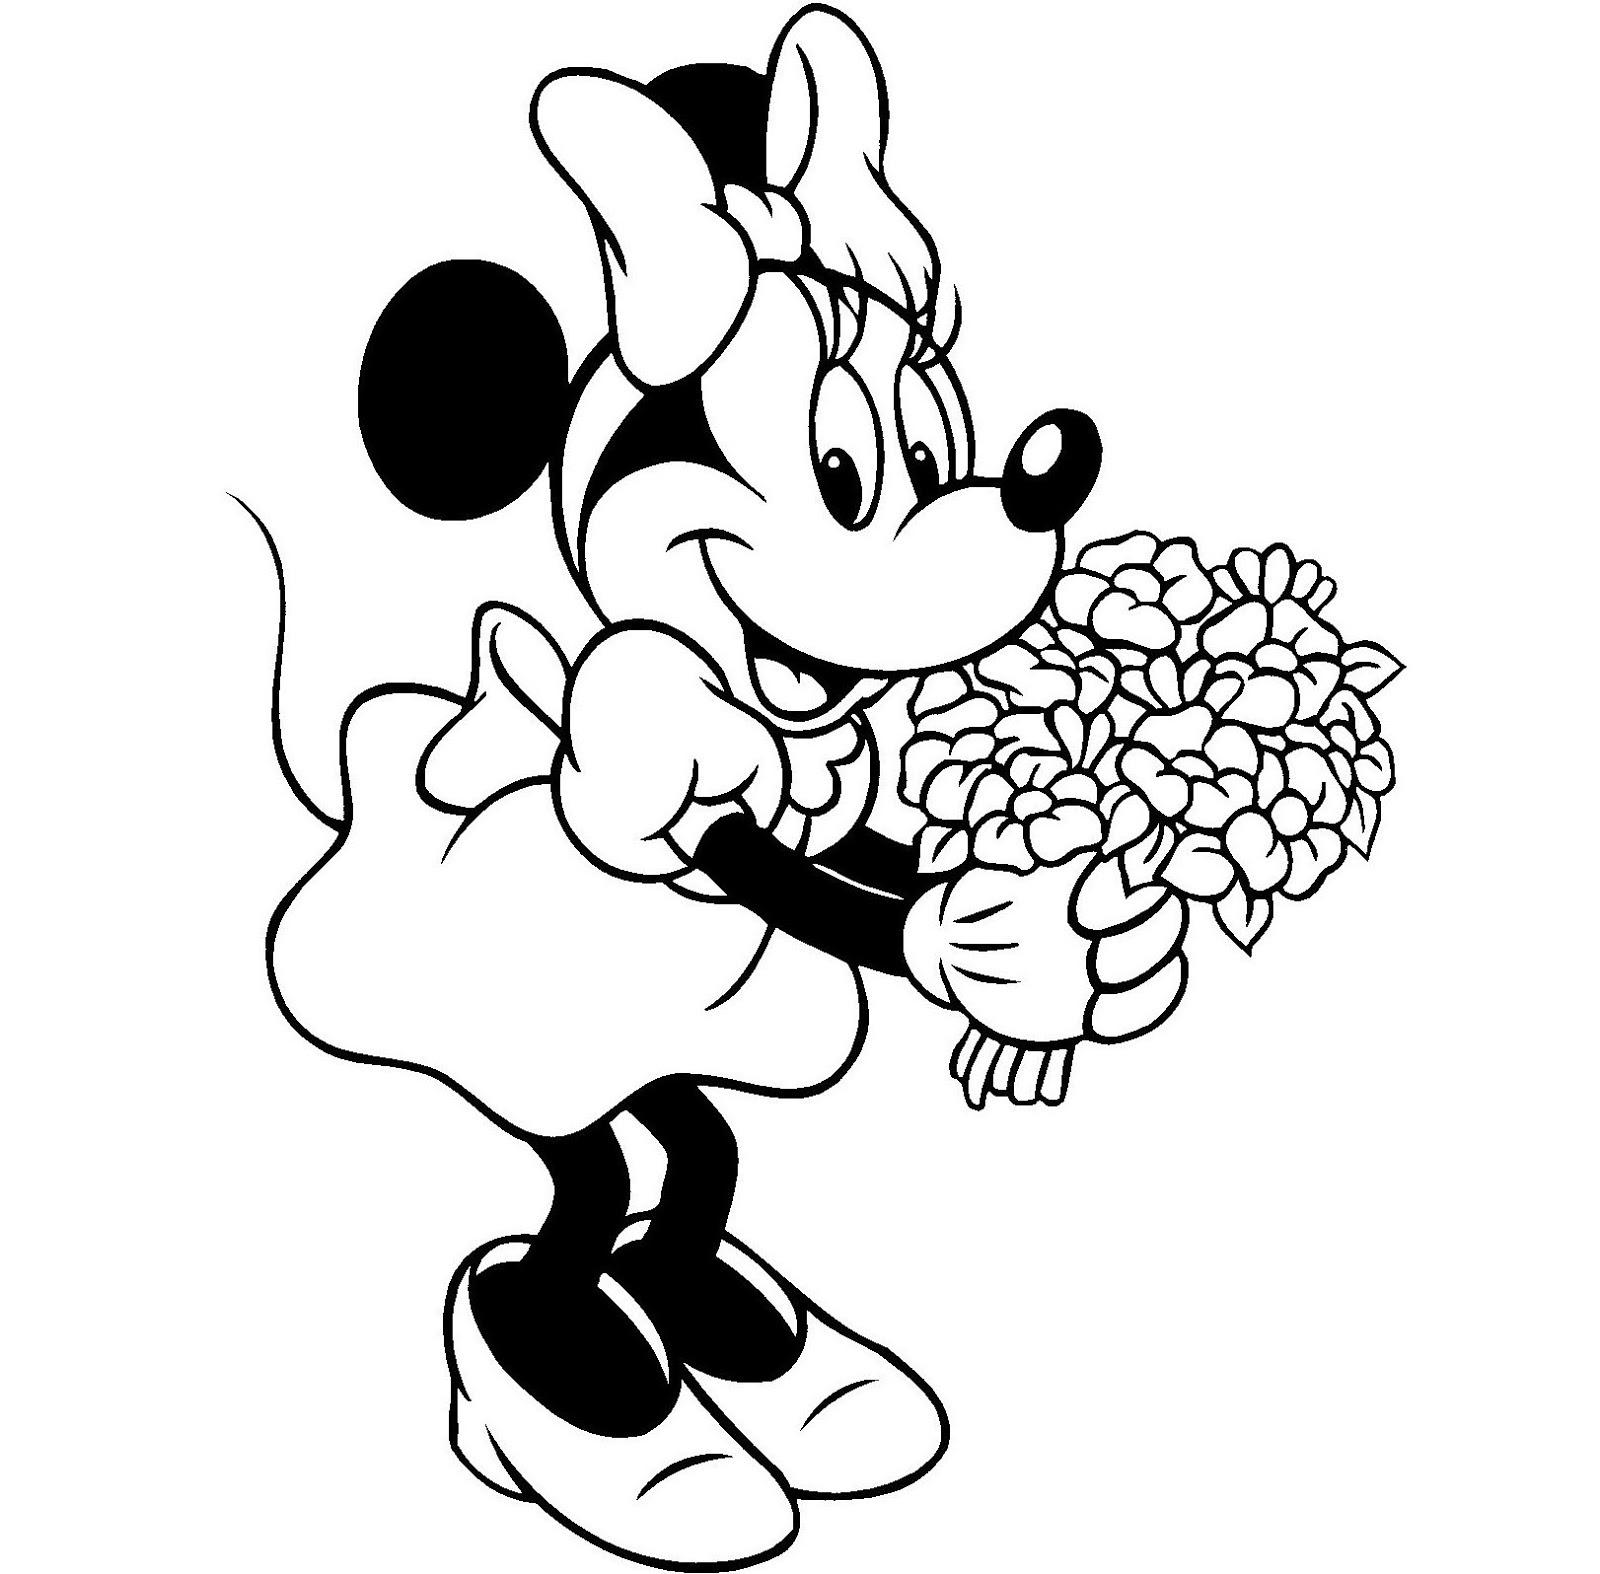 Desenhos Para Colorir E Imprimir Desenhos Da Minnie Para Colorir